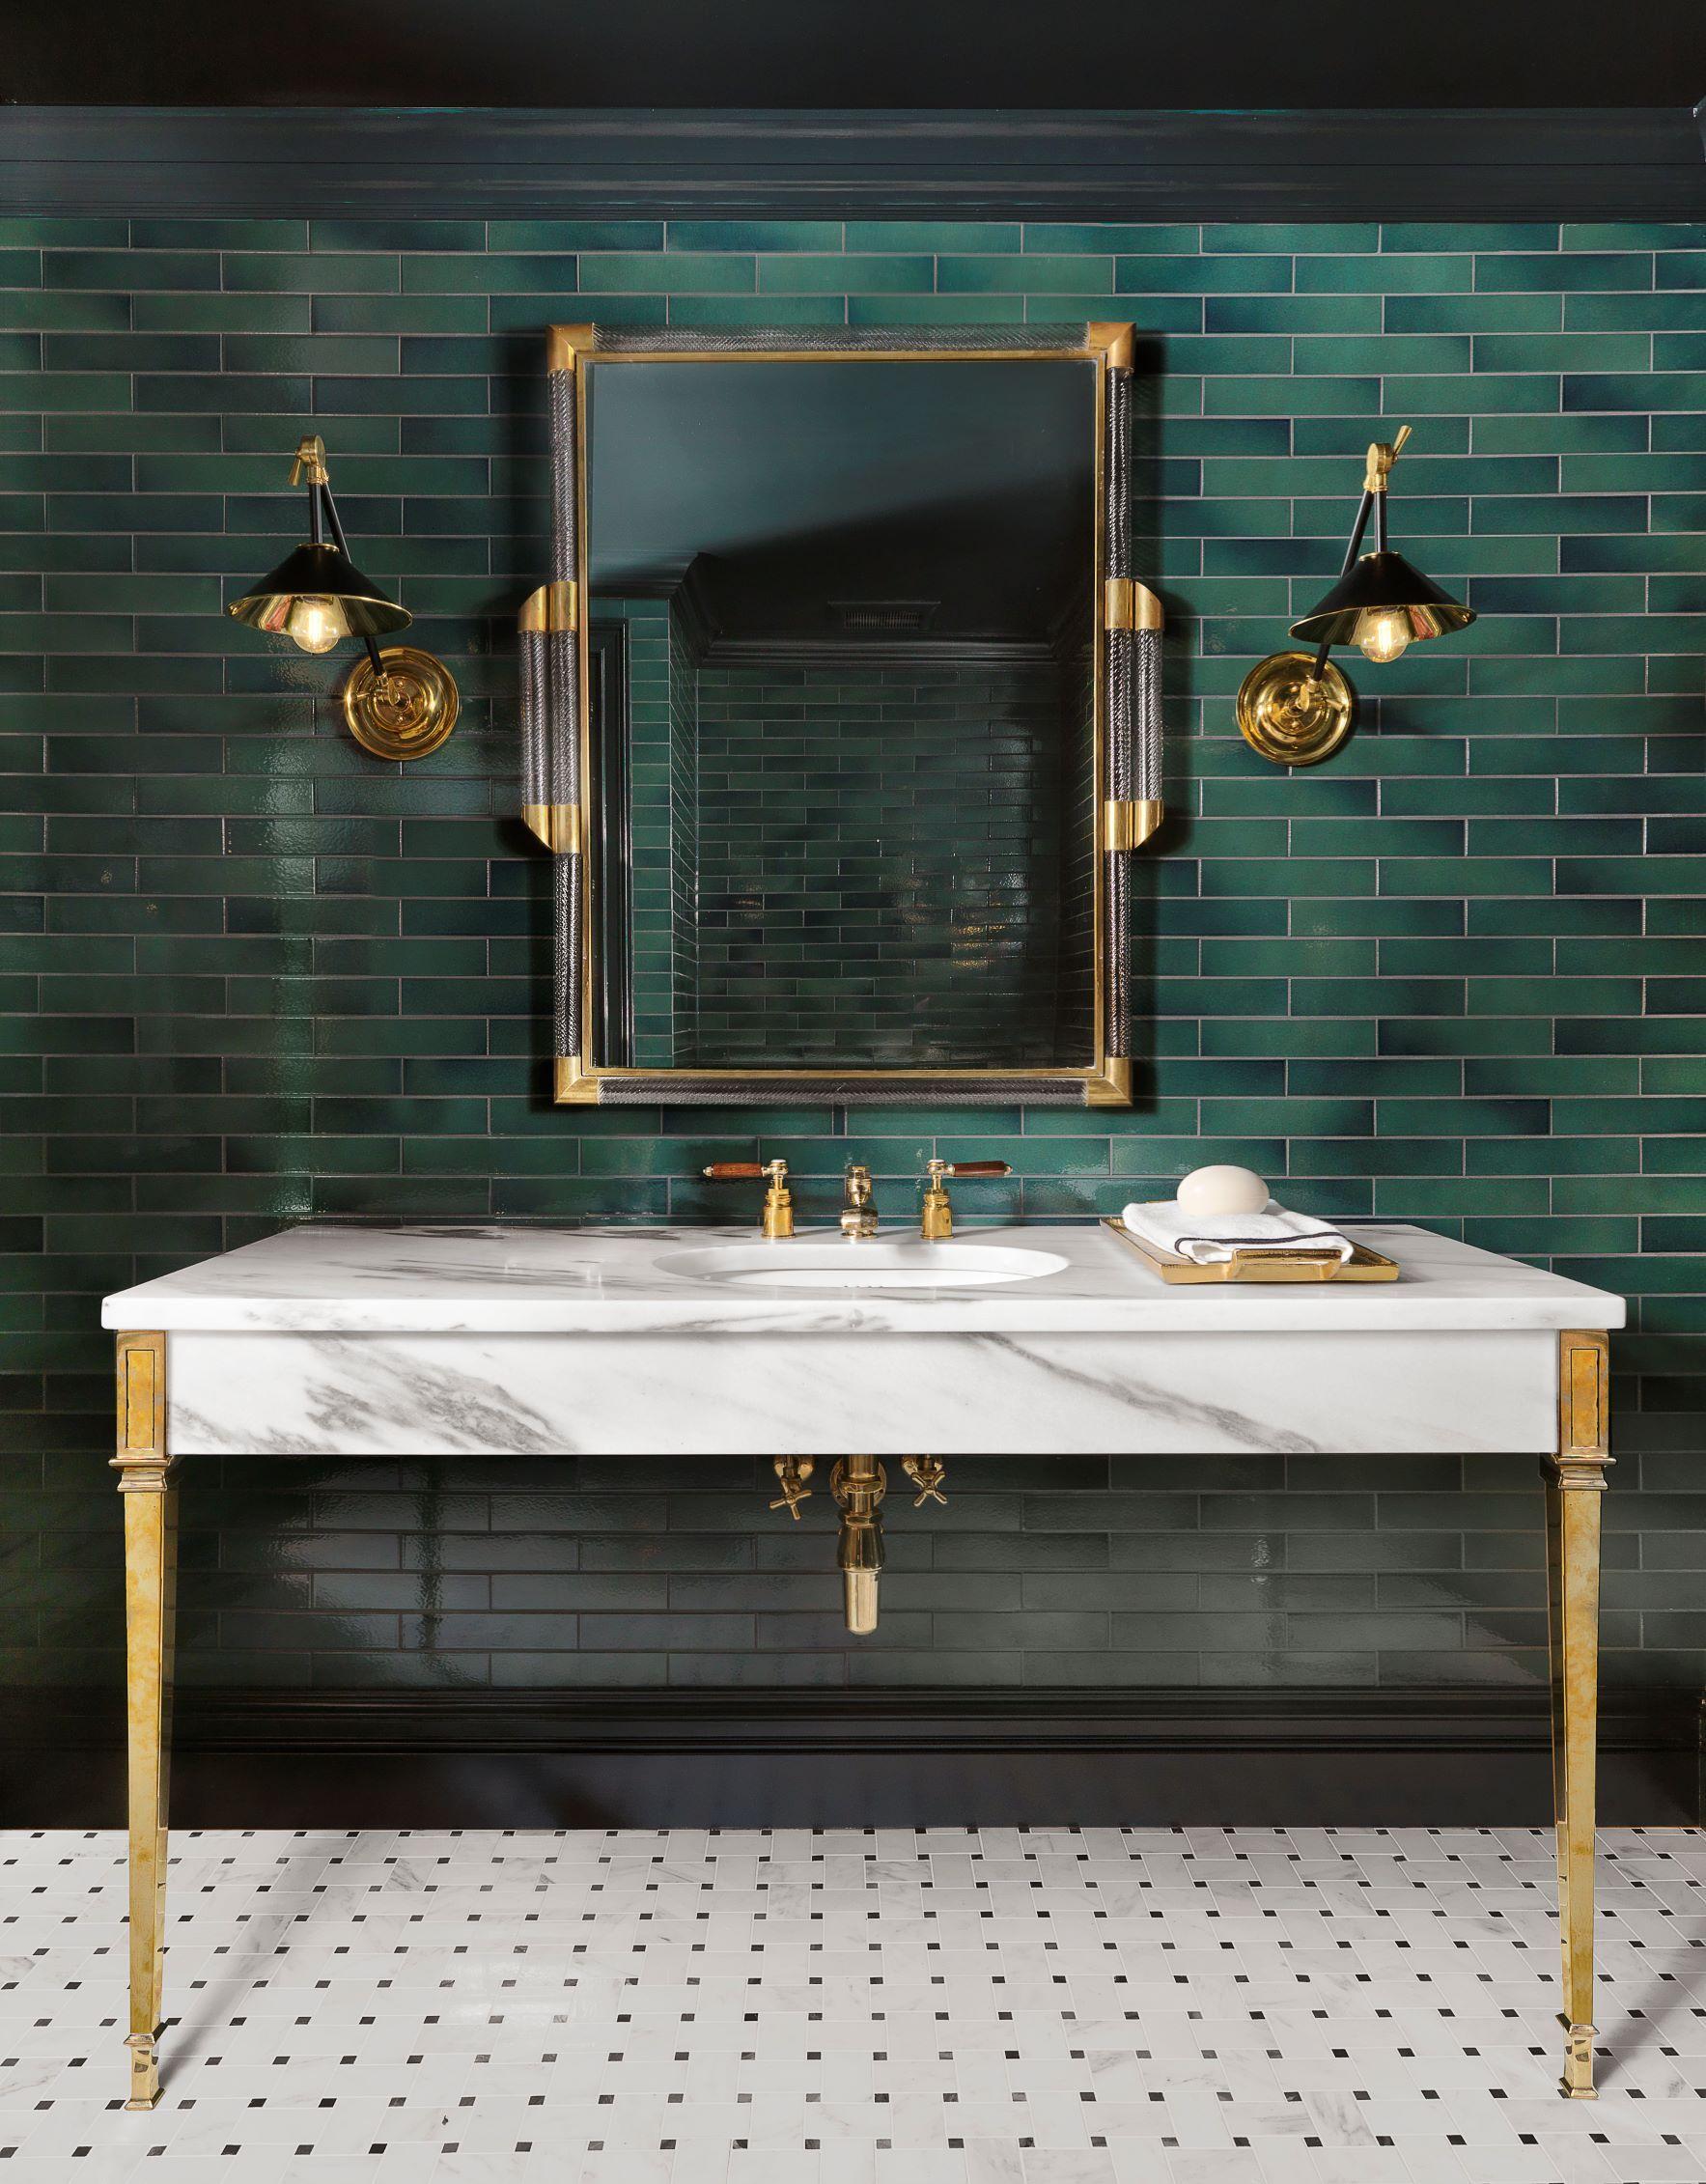 Powder Room By Amy Kartheiser Design: Bathroom, Powder Room, Green